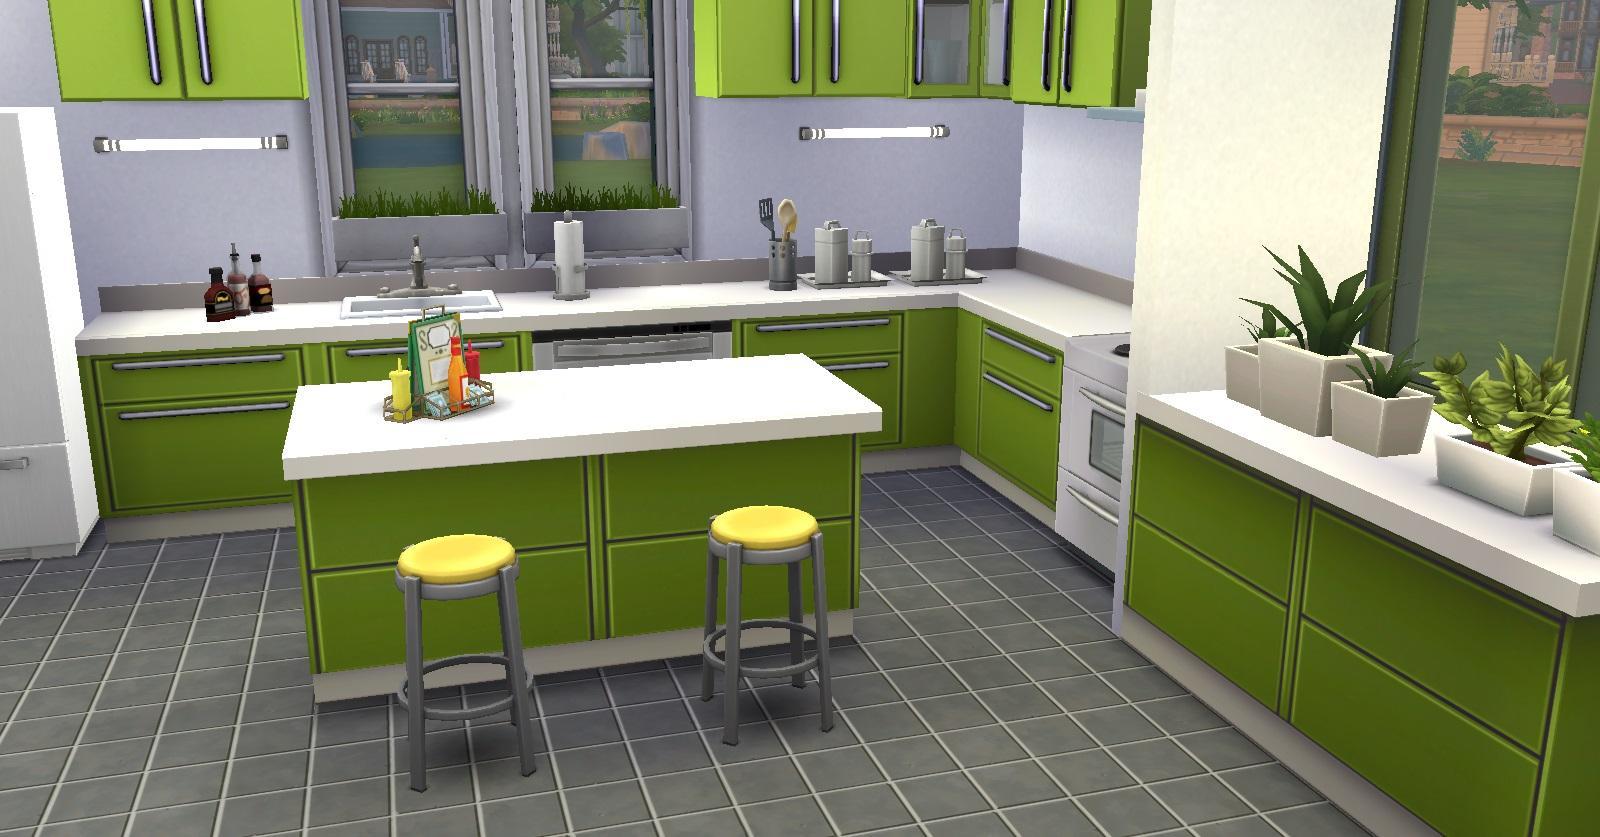 Et Si On Mariait Les Couleurs Le Gris Fin 16 09 Page: meuble de cuisine sims 4 qui s imbrique